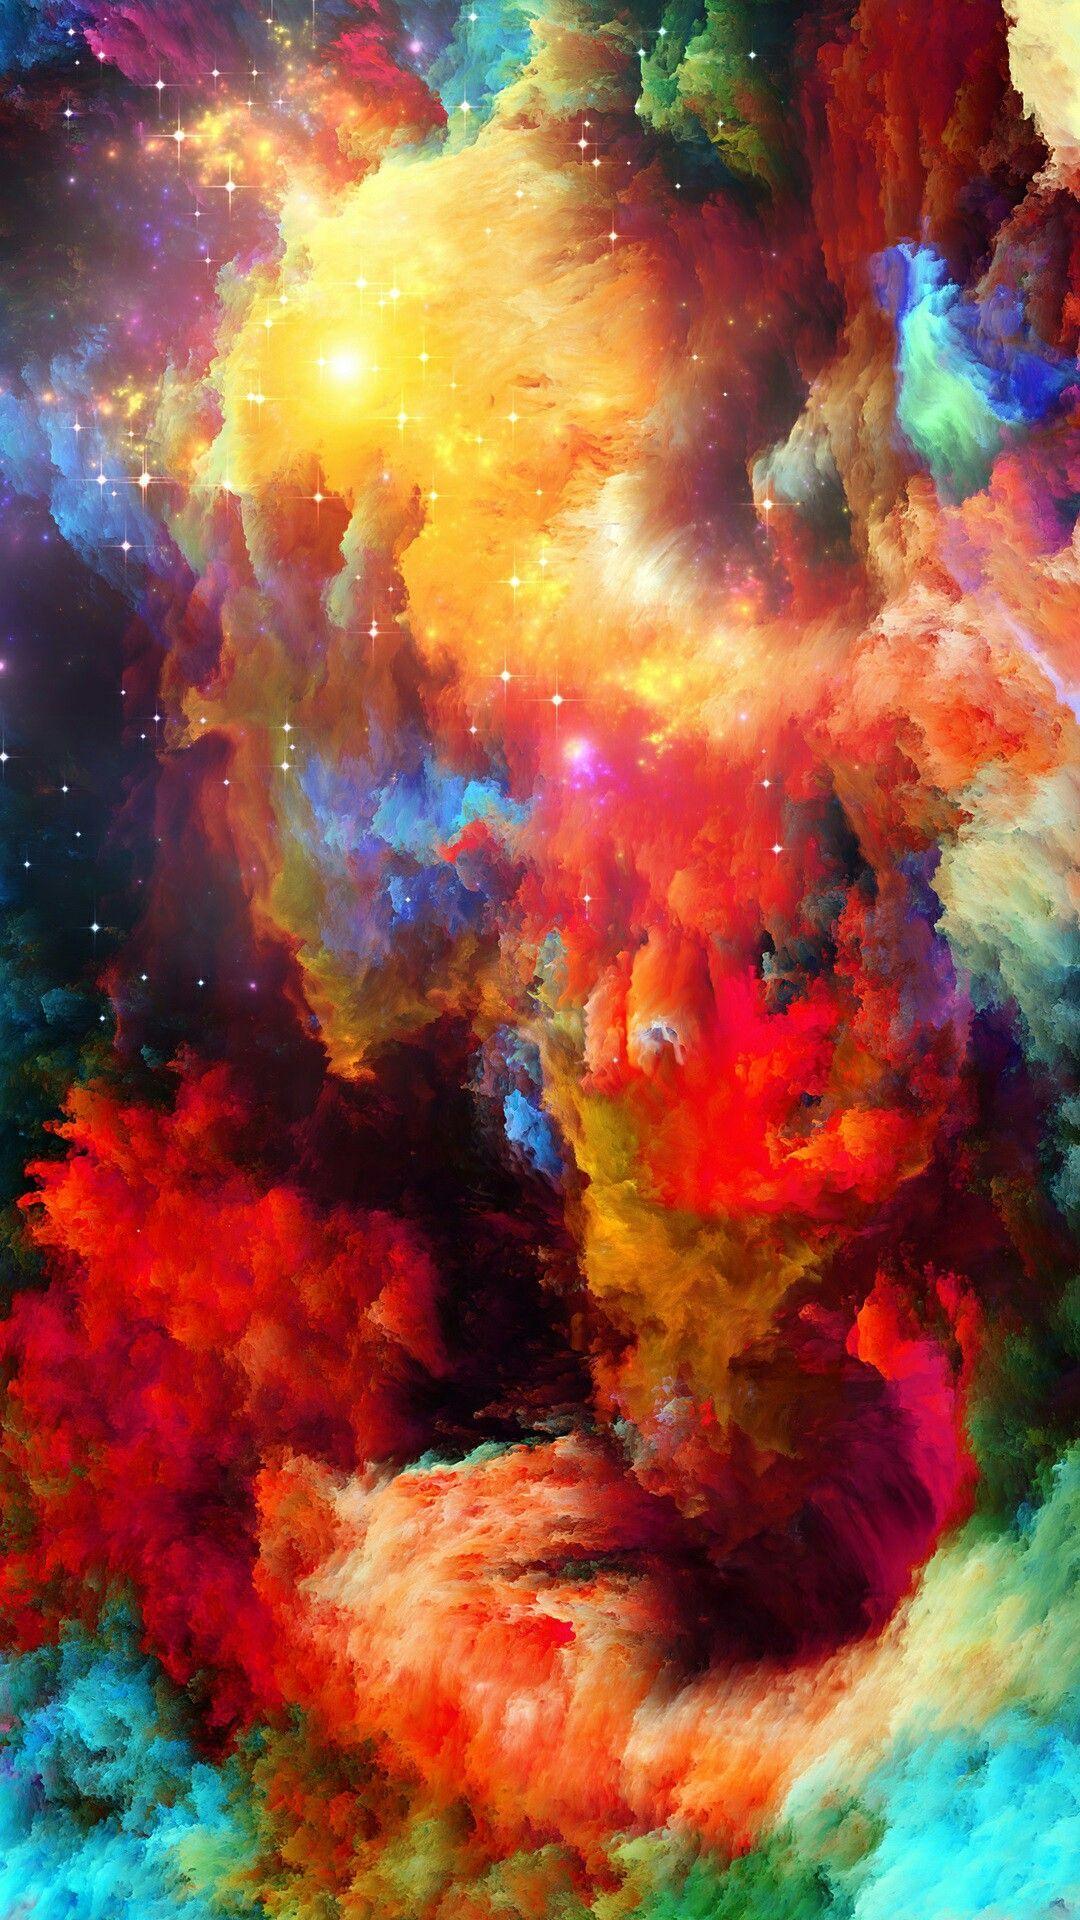 iPhone Beautiful Colors 4k Wallpapers - Wallpaper Cave